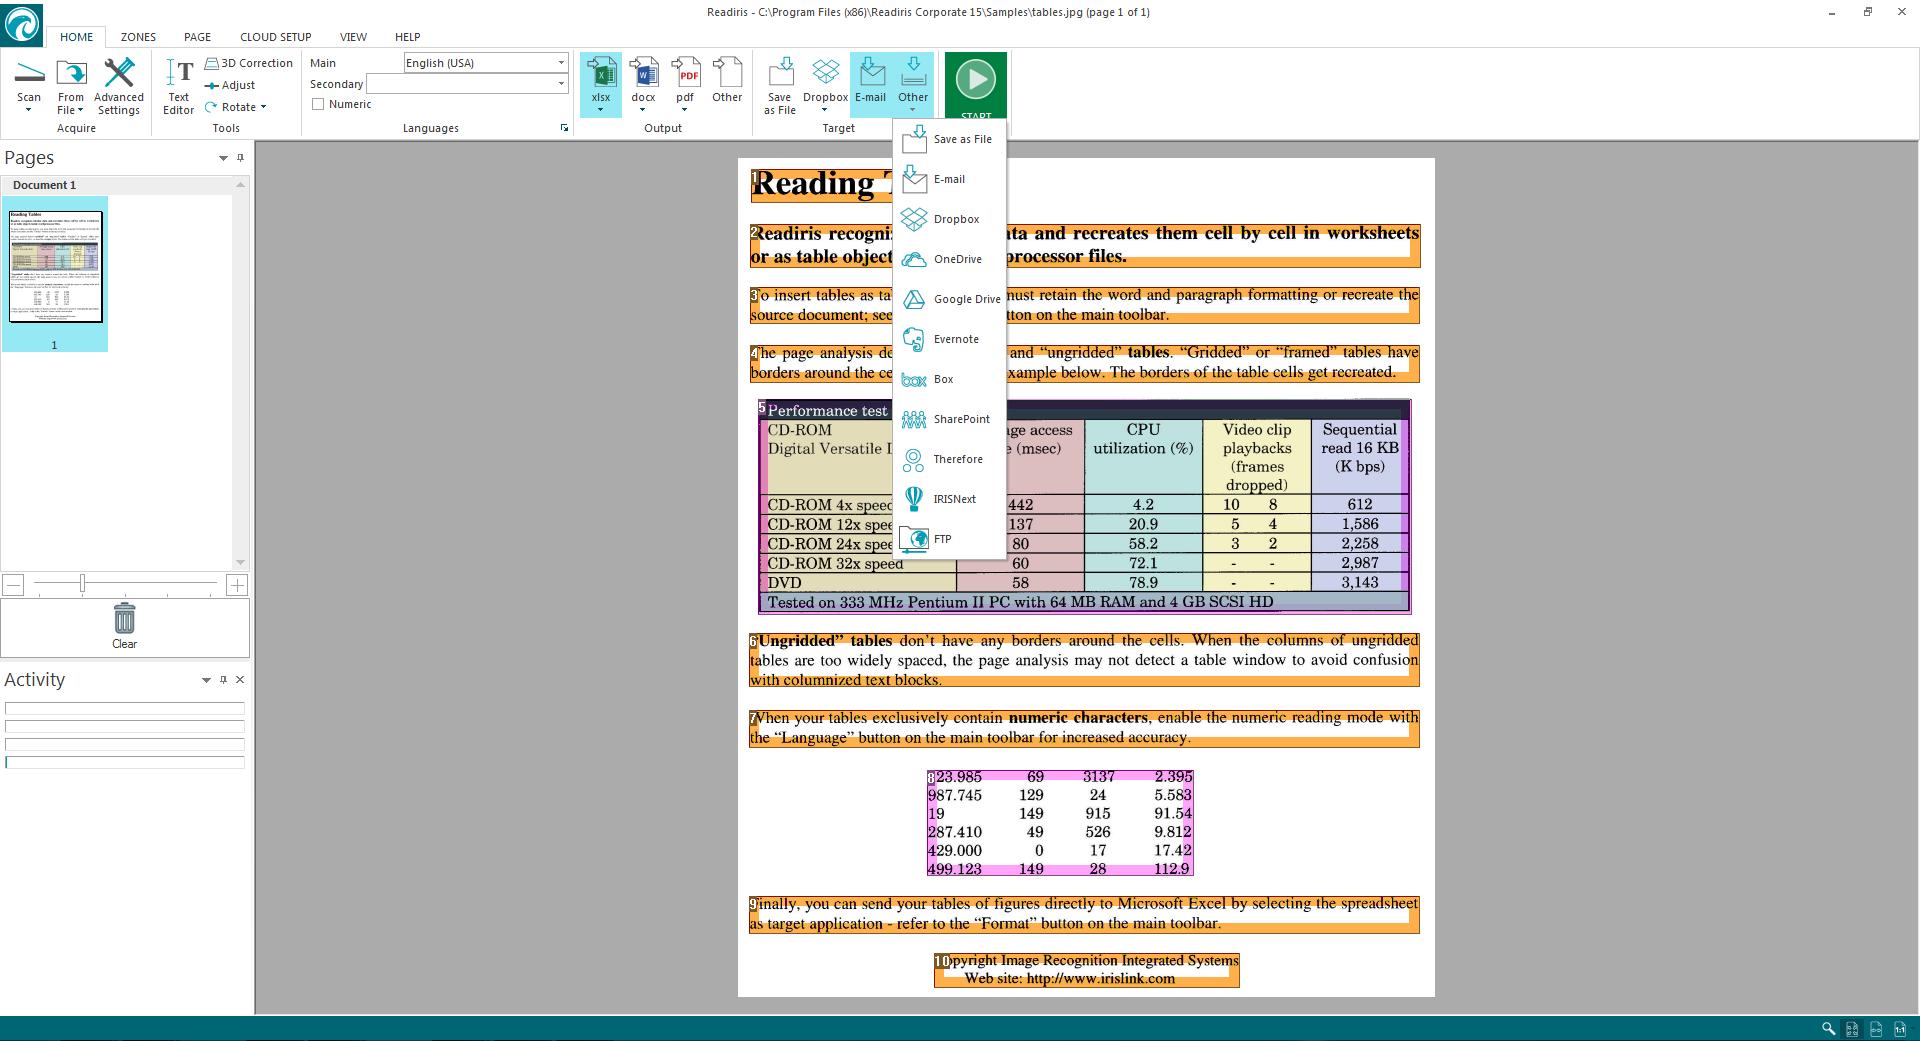 Readiris Pro 15 Ocr Software For Windows Download Pentium 2 Block Diagram